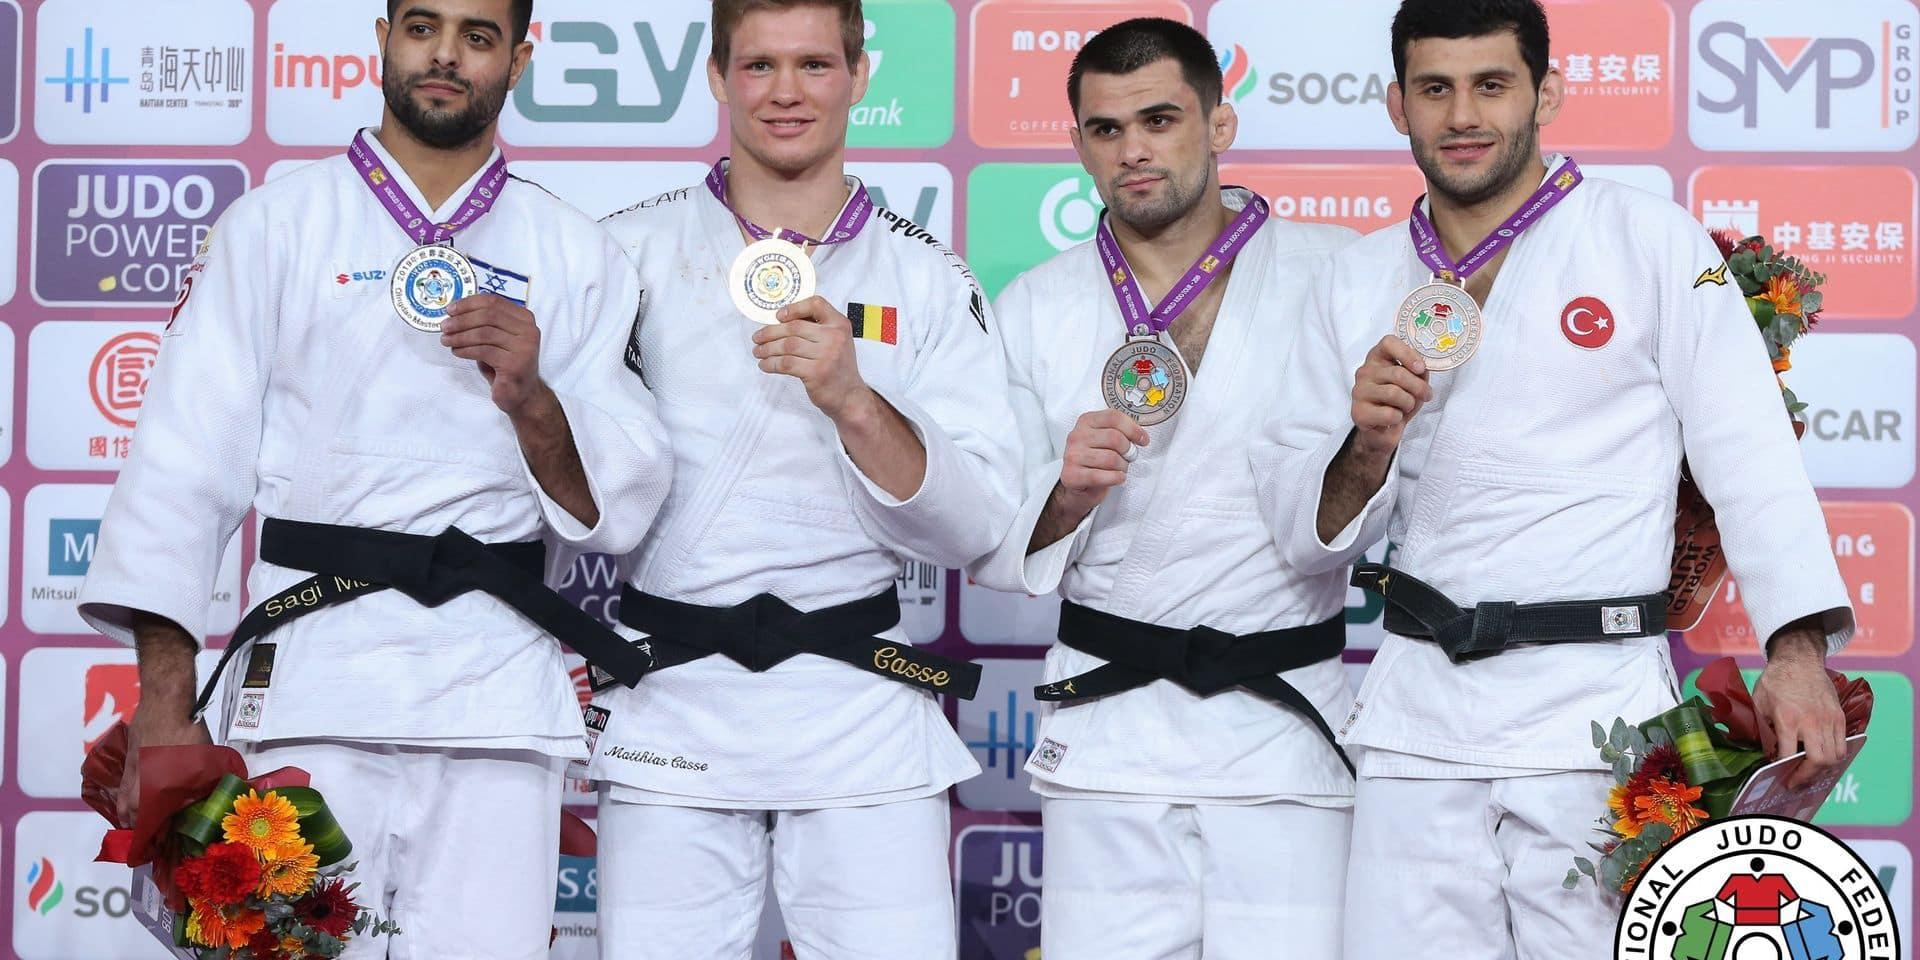 """Malgré sa médaille d'or, Matthias Casse n'était """"pas à 100 %"""": """"Je n'ai pas vu un grand Matthias sur le tatami ce vendredi"""""""